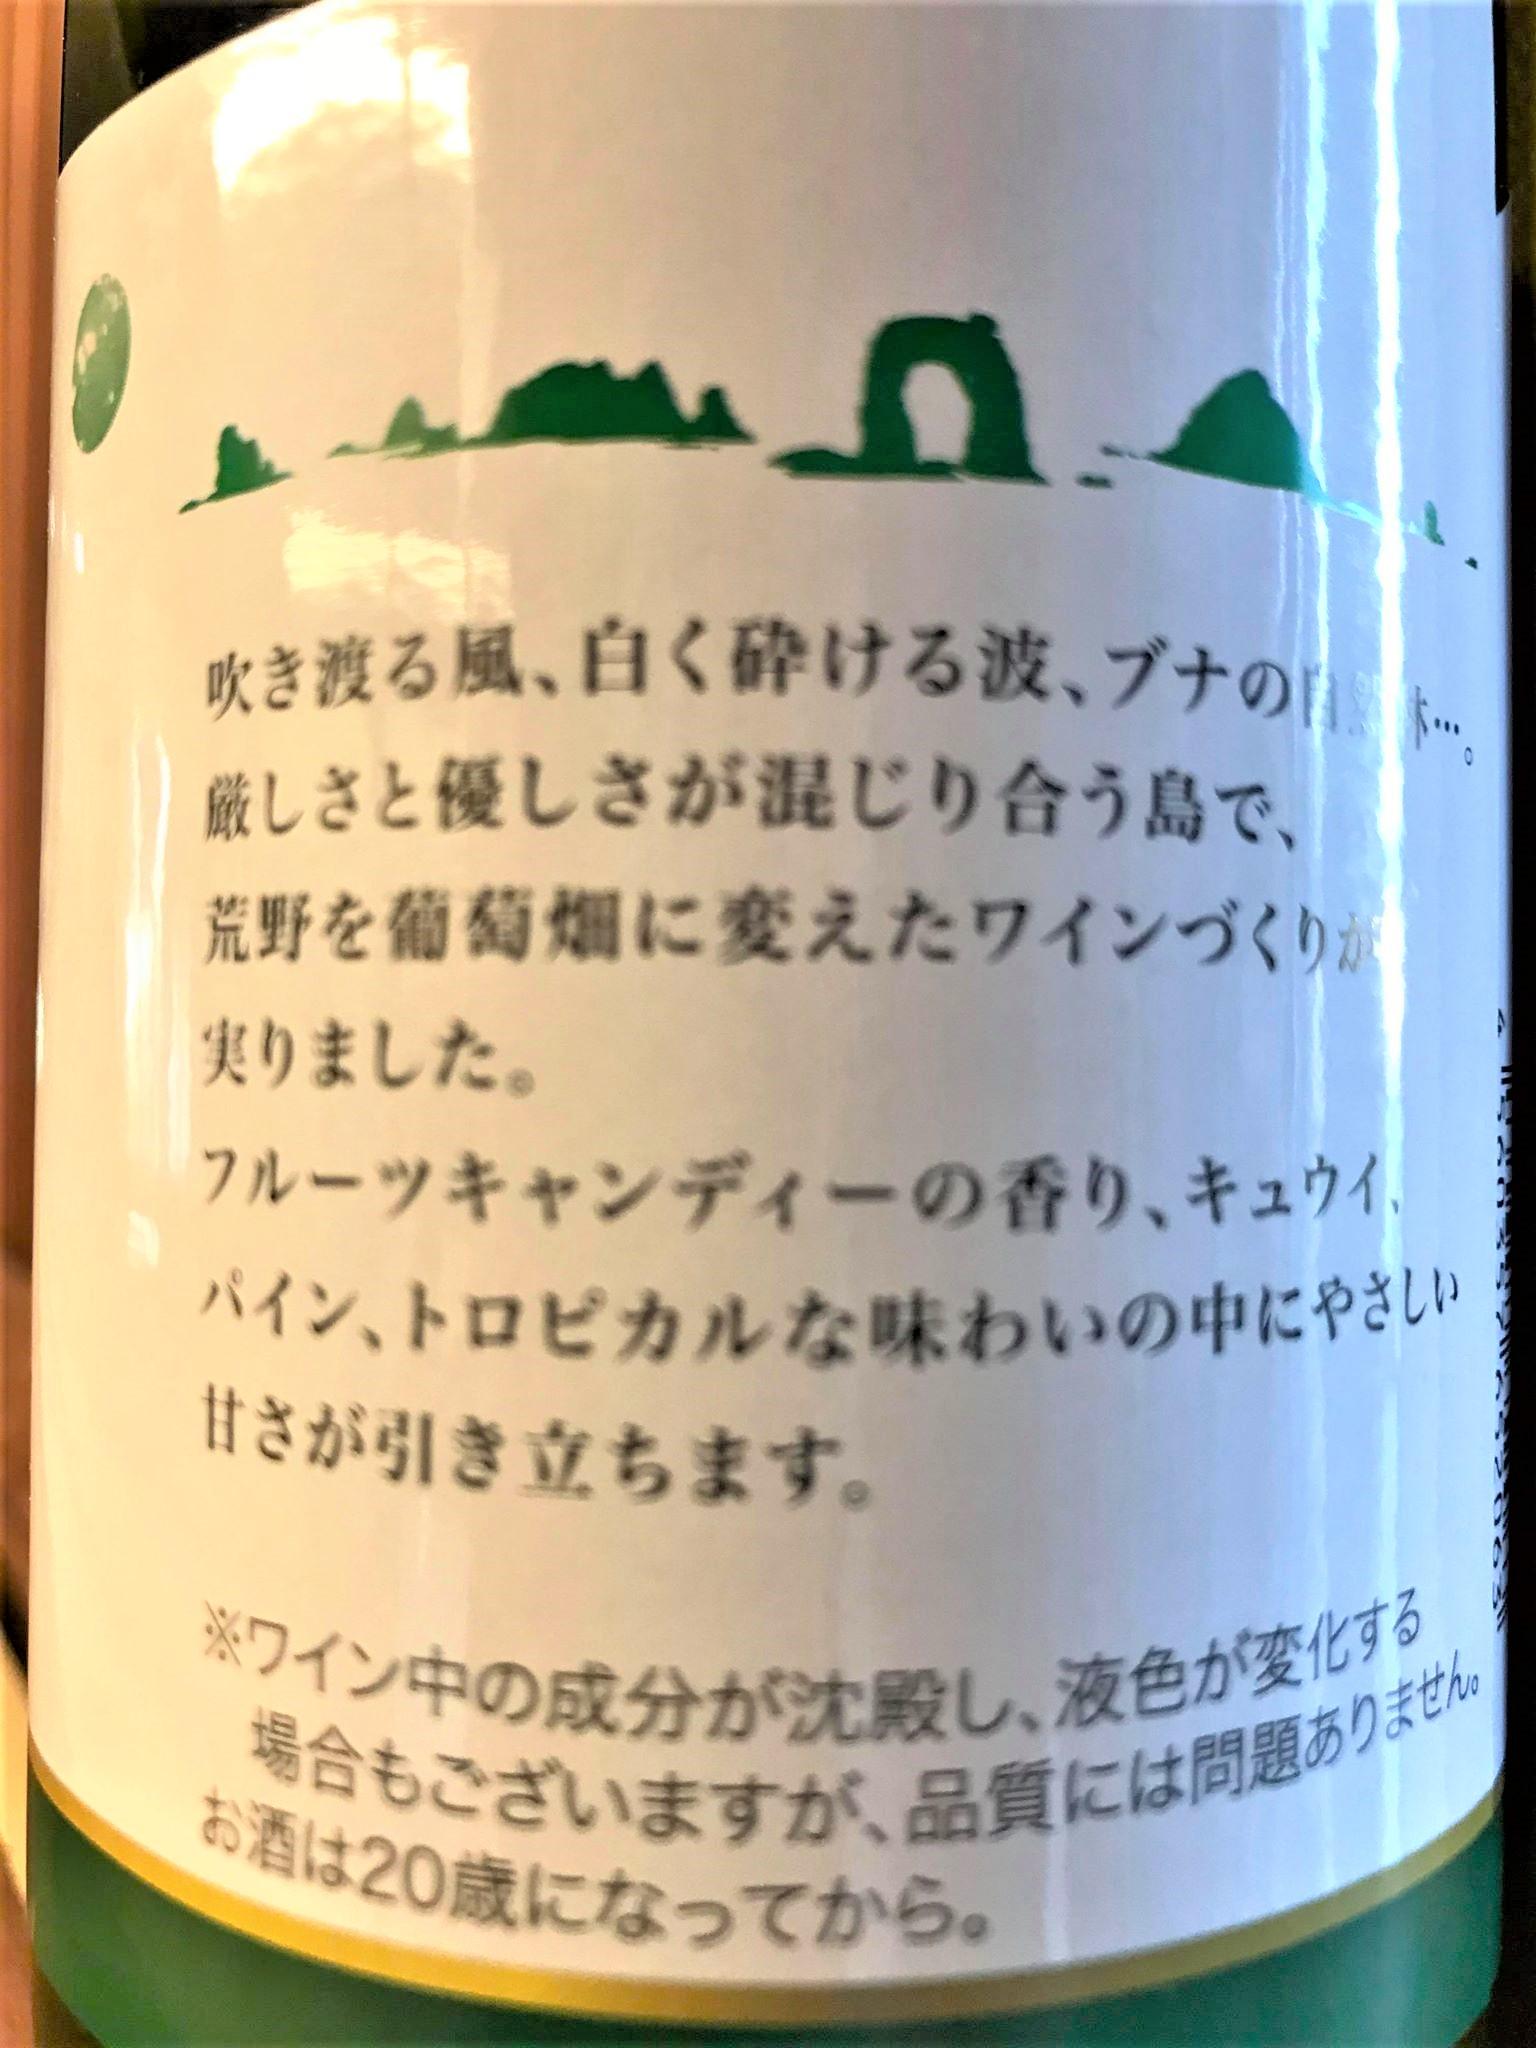 【ワイン】奥尻ワイナリー SUGAKAWA Special 厳選 BLANC Blend 限定🆕_e0173738_18223899.jpg